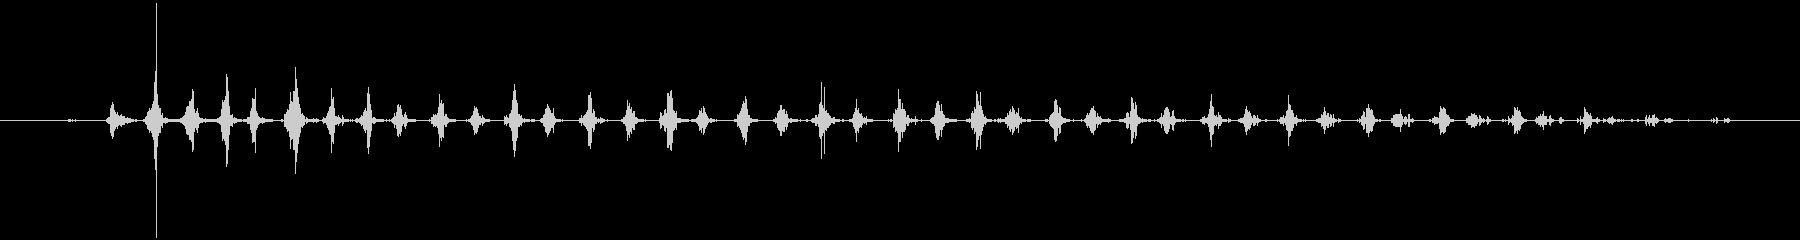 Cabassa:Rattlesna...の未再生の波形